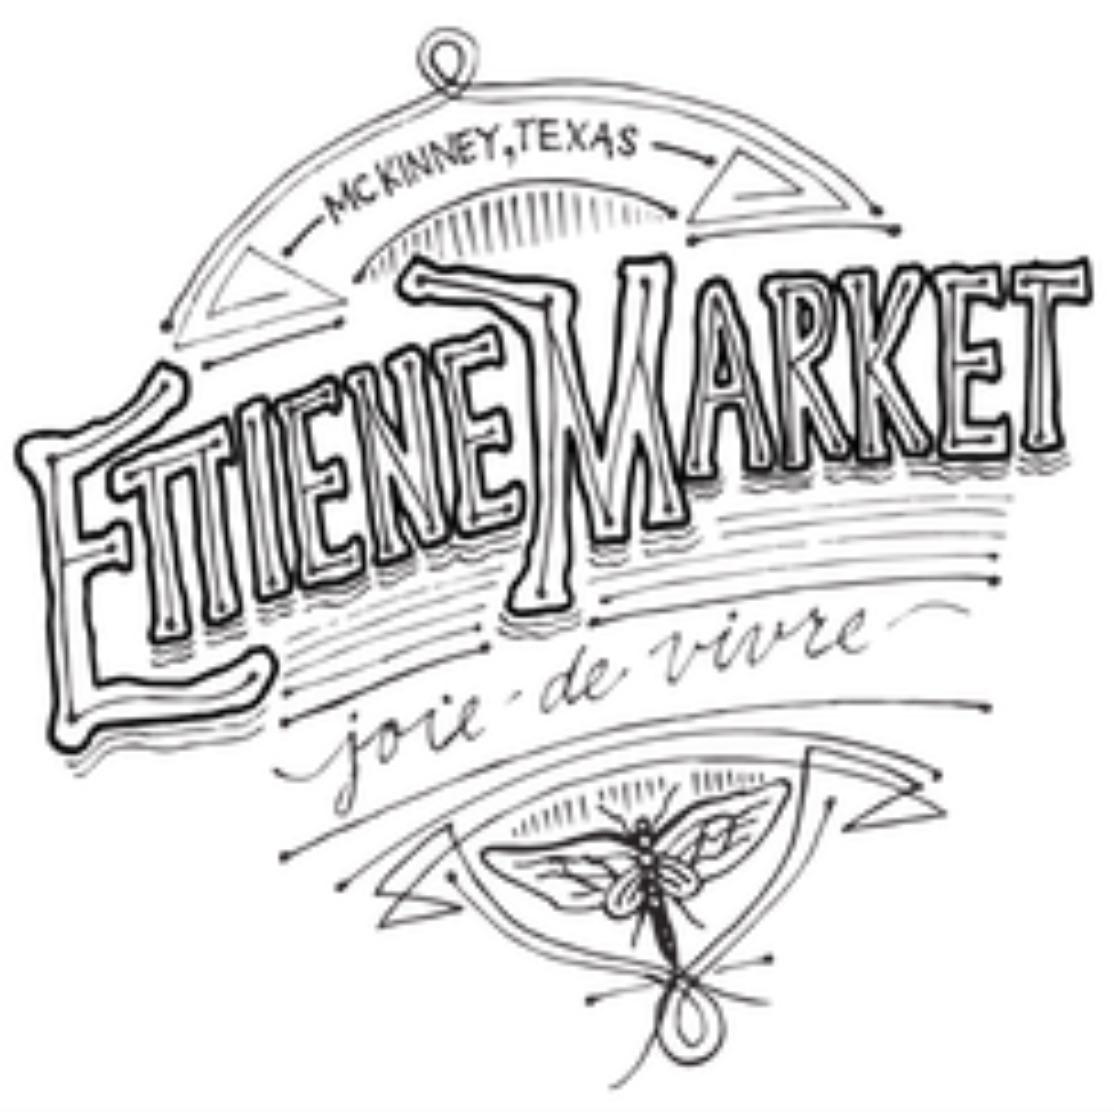 Copy of Ettiene Market, Downtown McKinney, Texas